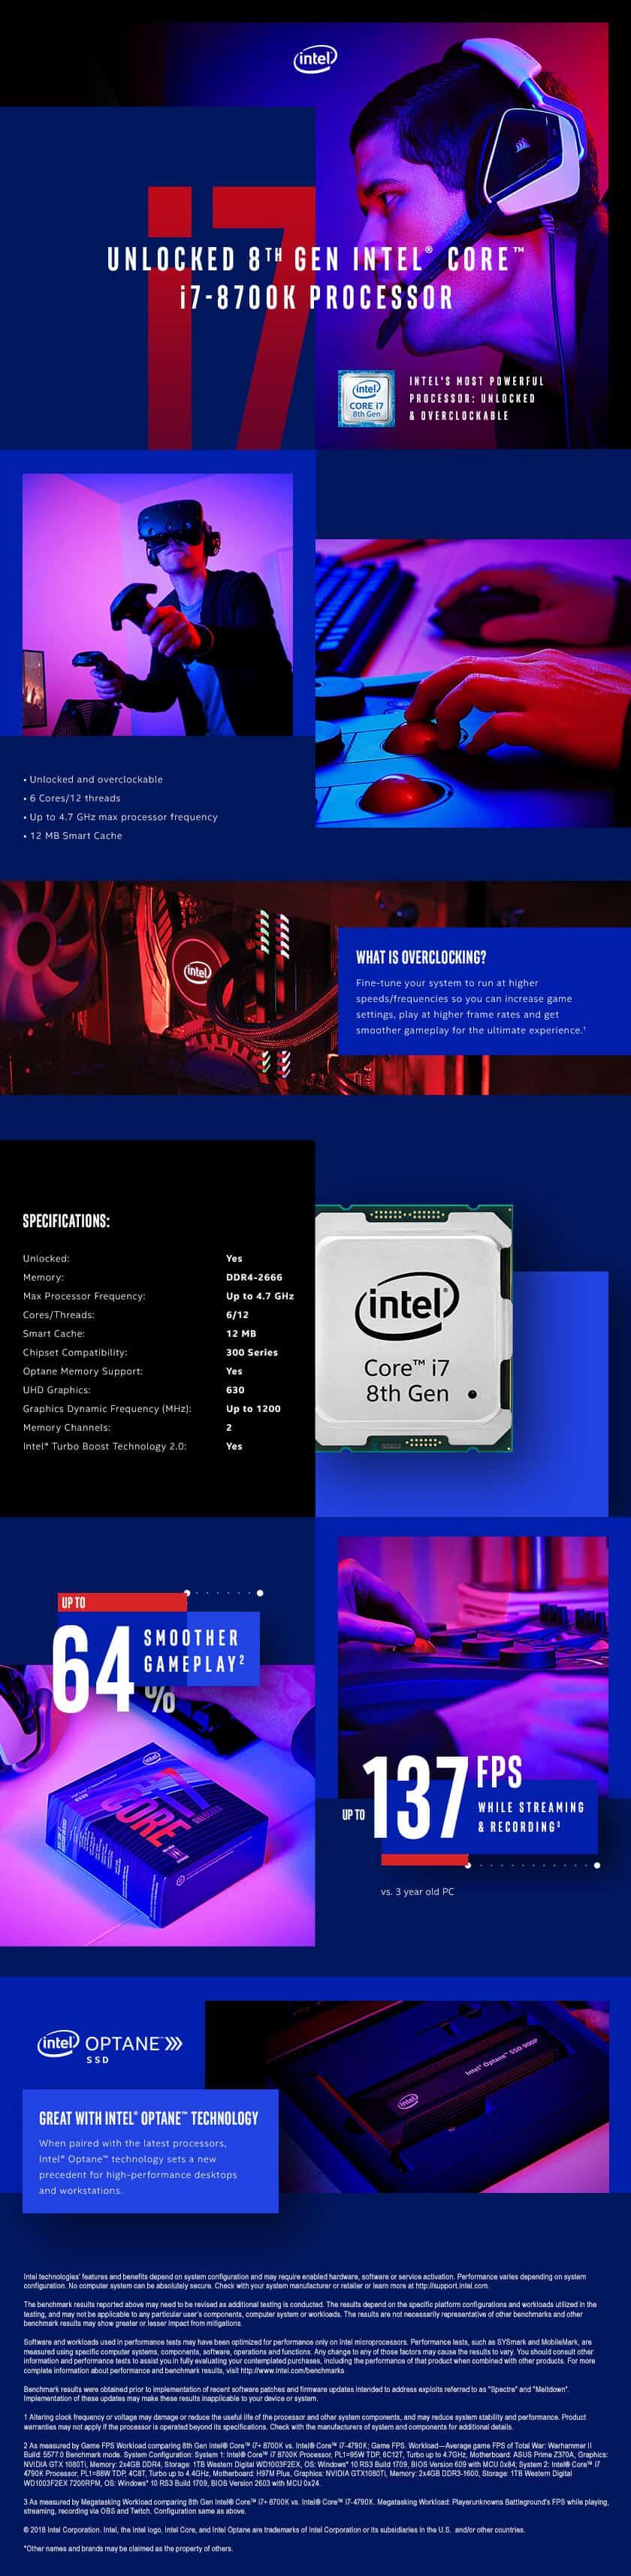 Intel® Core™ I7-8700K Desktop Processor